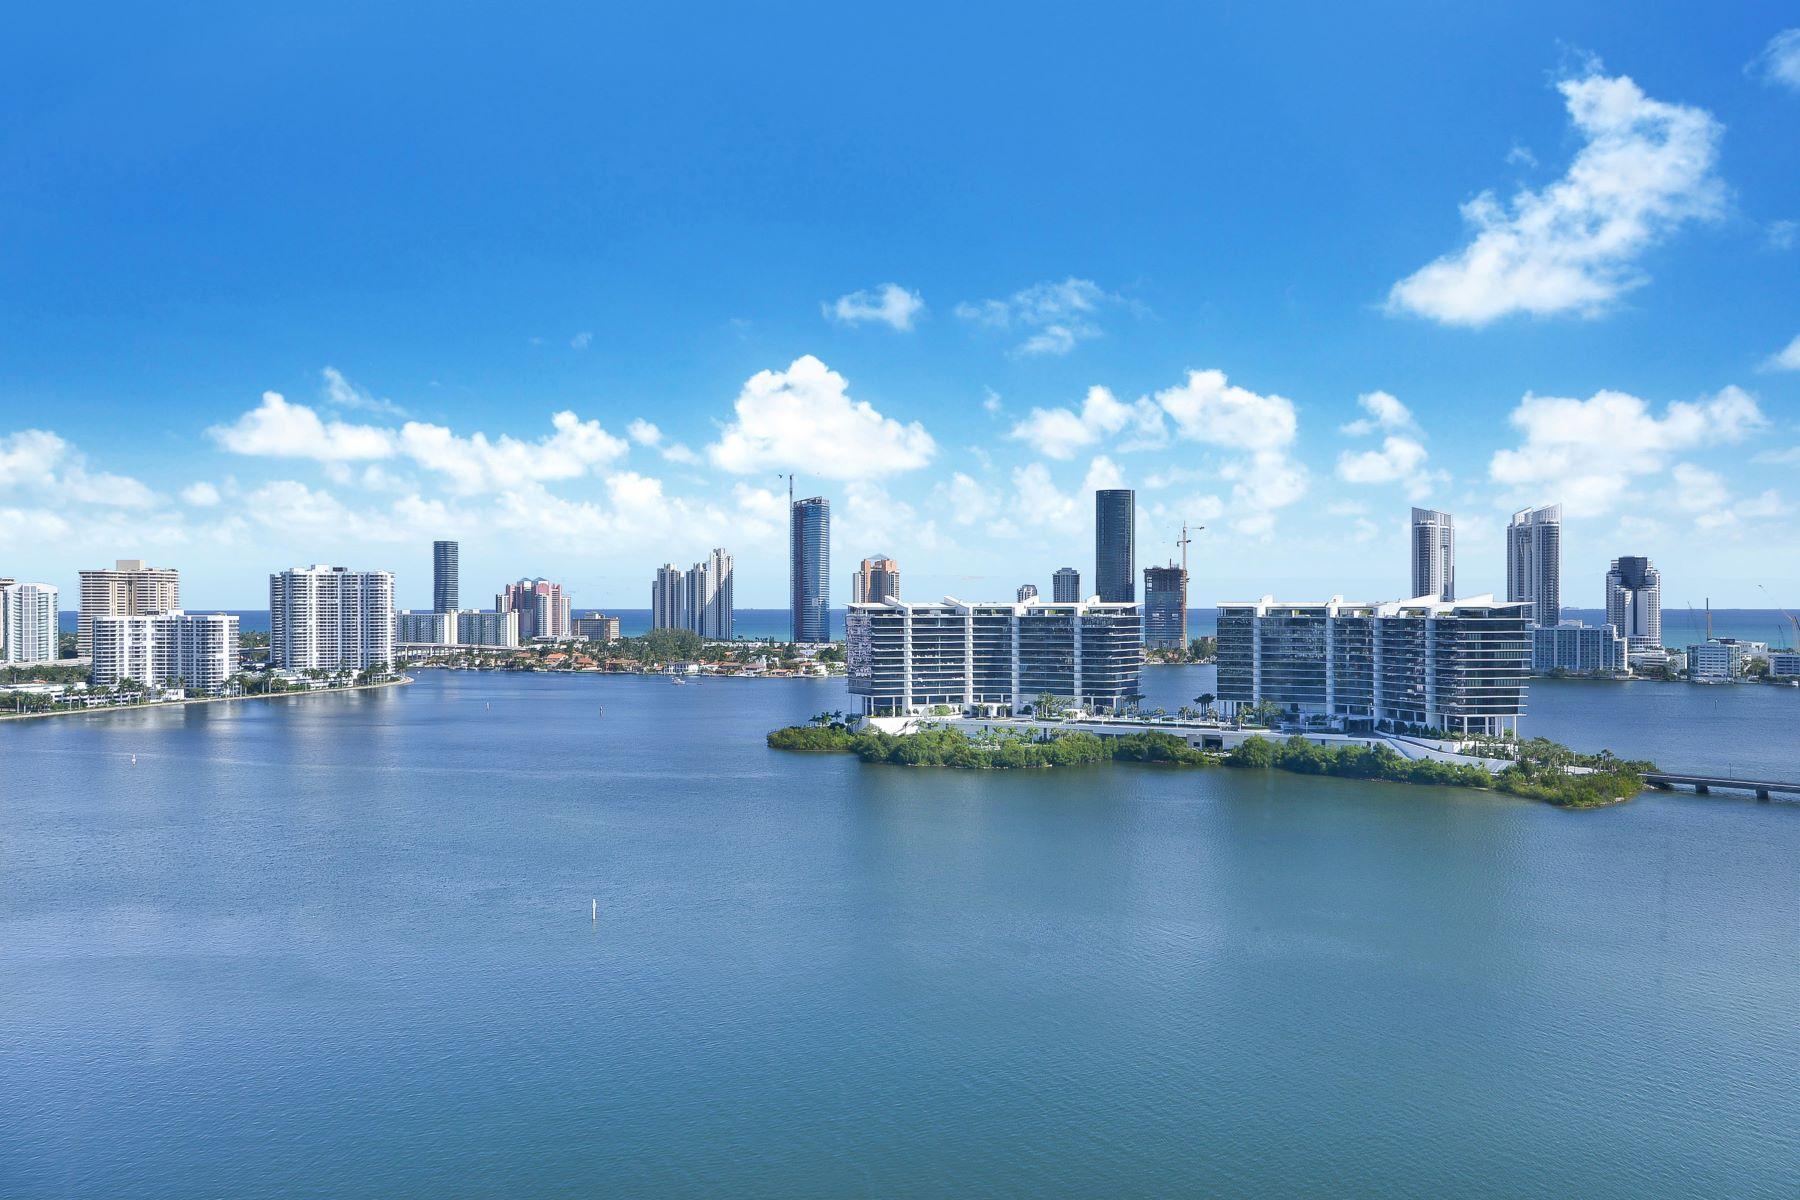 コンドミニアム のために 賃貸 アット 3301 Ne 183rd St 2103, Aventura, フロリダ 33160 アメリカ